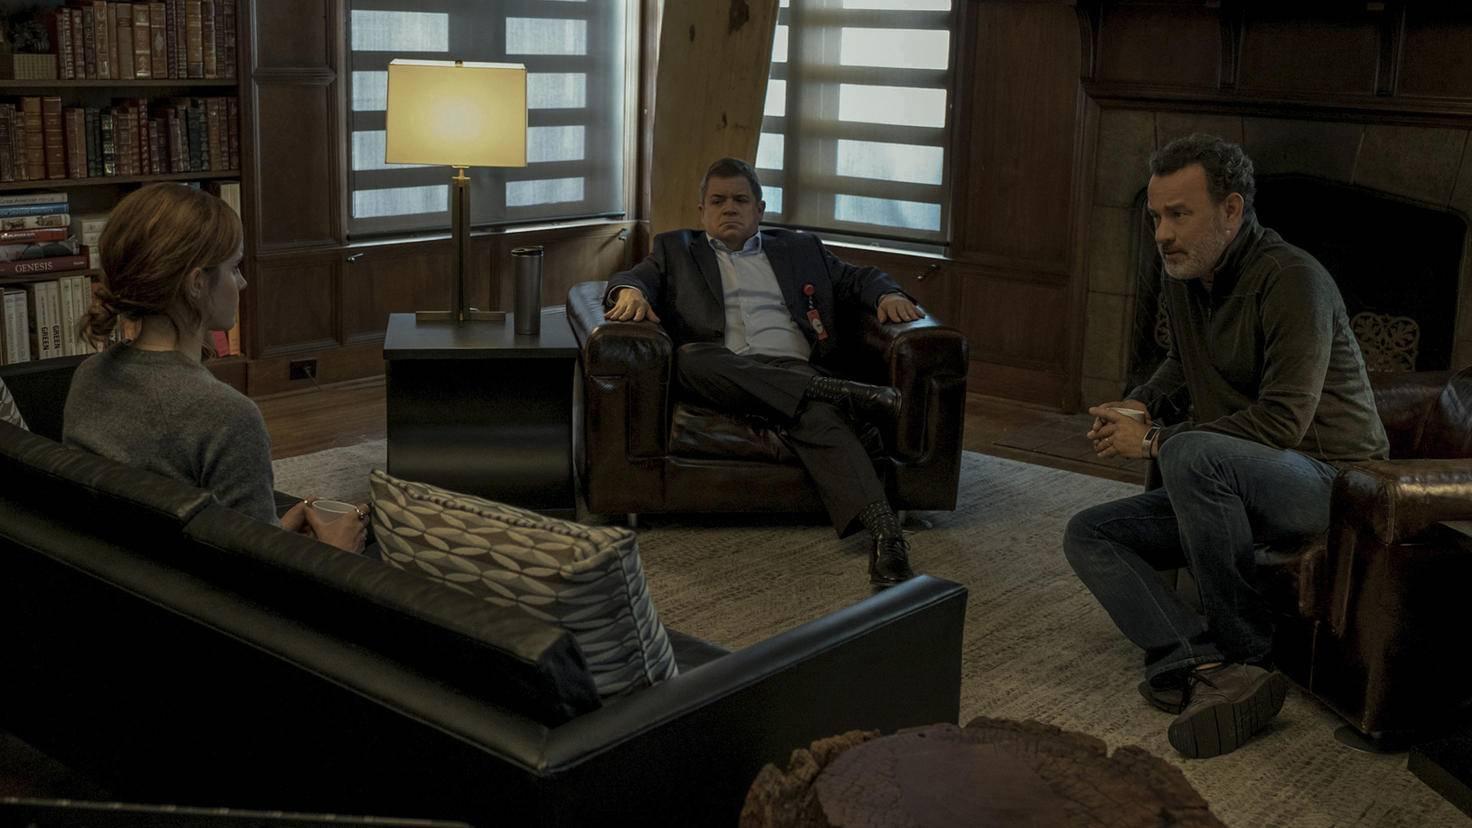 Die Gründer des Circles Tom Stenton (Patton Oswalt, links) und Eamon Bailey (Tom Hanks, rechts) erläutern Mae (Emma Watson) ihre Ideologien.